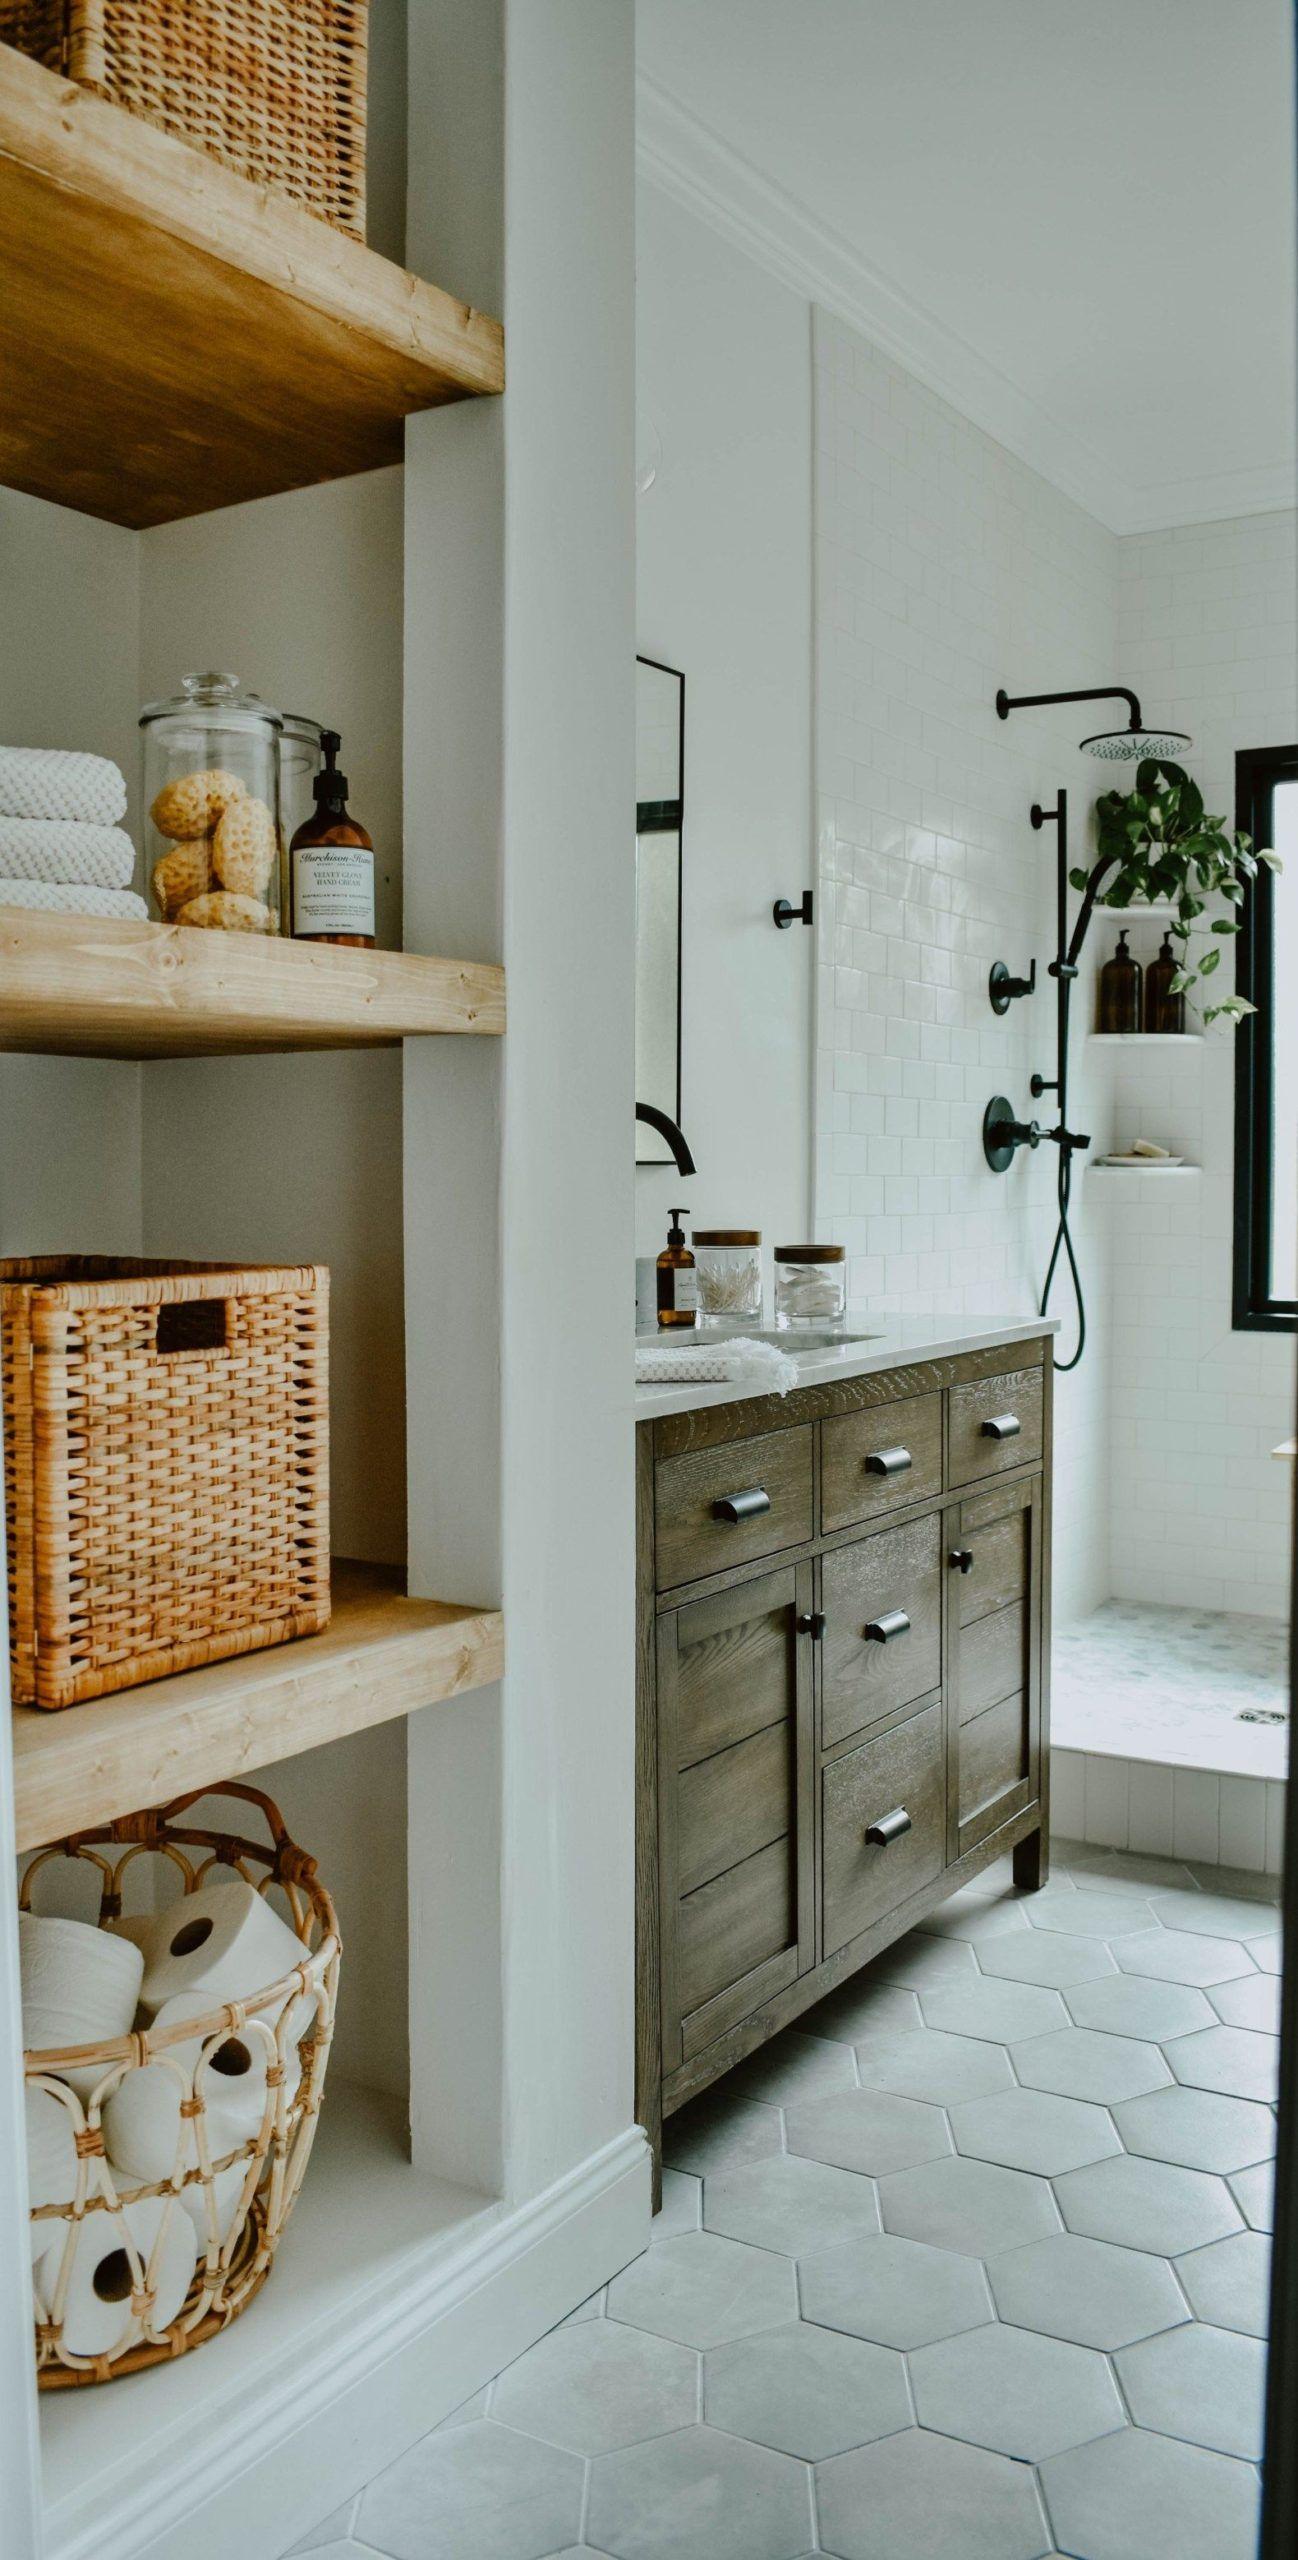 Wie Man Einen Wascheschrank In Ein Offenes Regal Verwandelt Haus In Der Longwood Lane So Verwandeln Sie Eine In 2020 Badezimmer Gestalten Offenes Regal Badezimmer